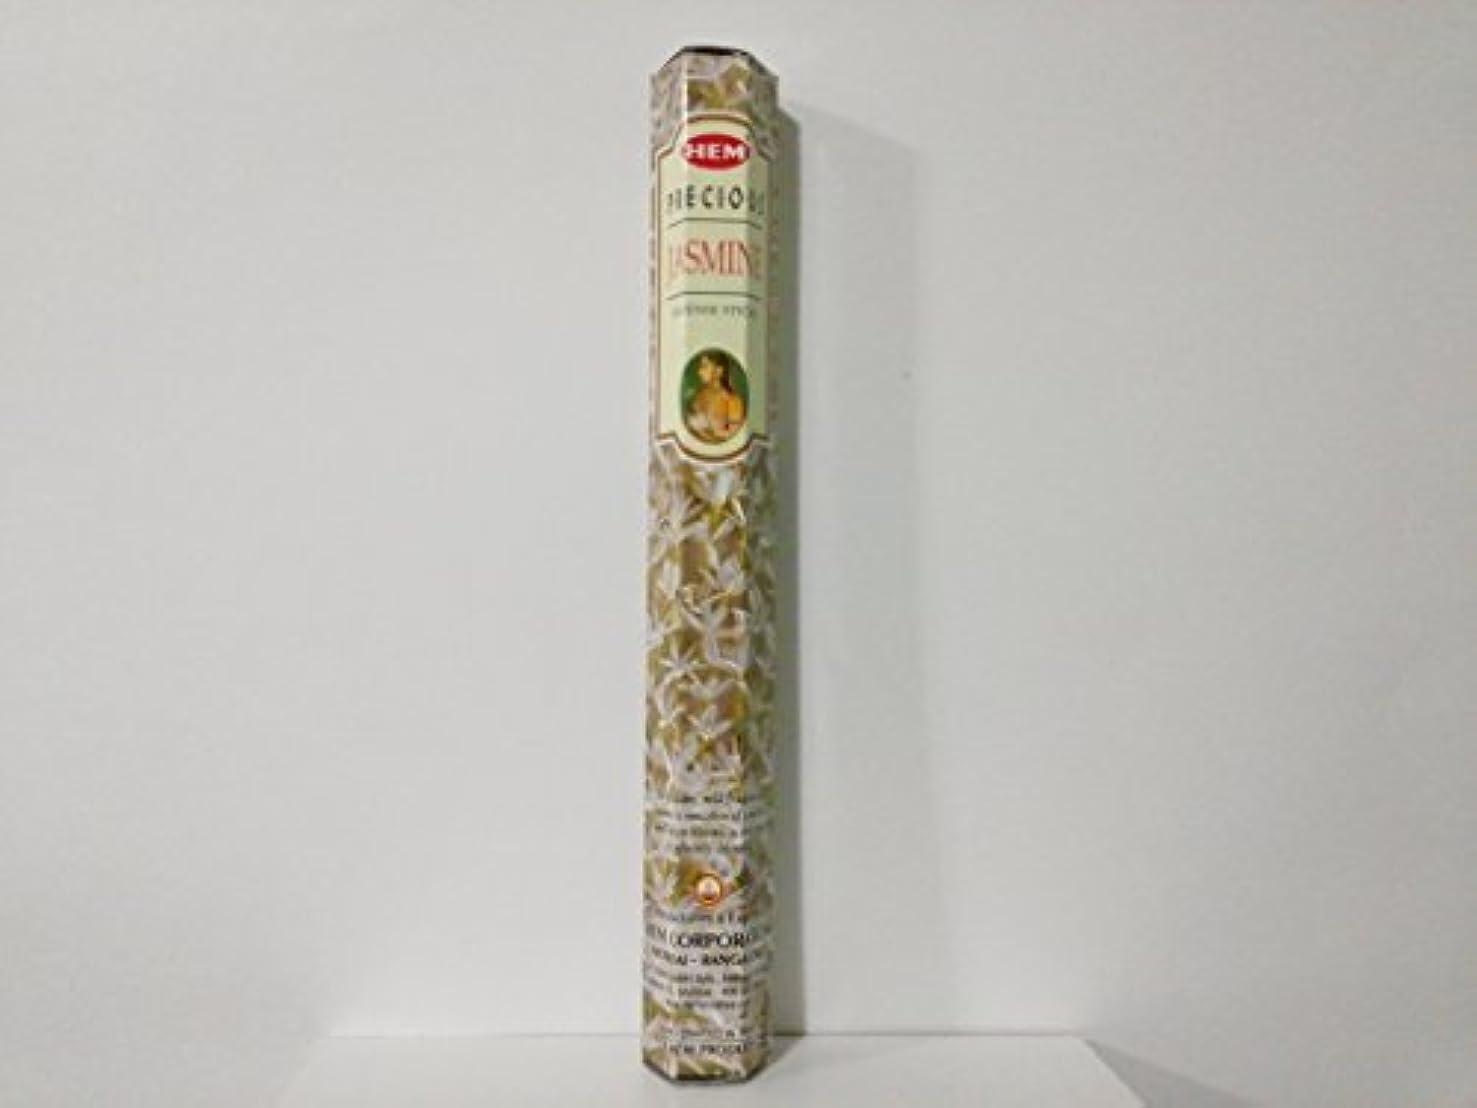 ローン苛性ウィザード1 x Hem Precious Jasmine Incense Sticks 120 Ct